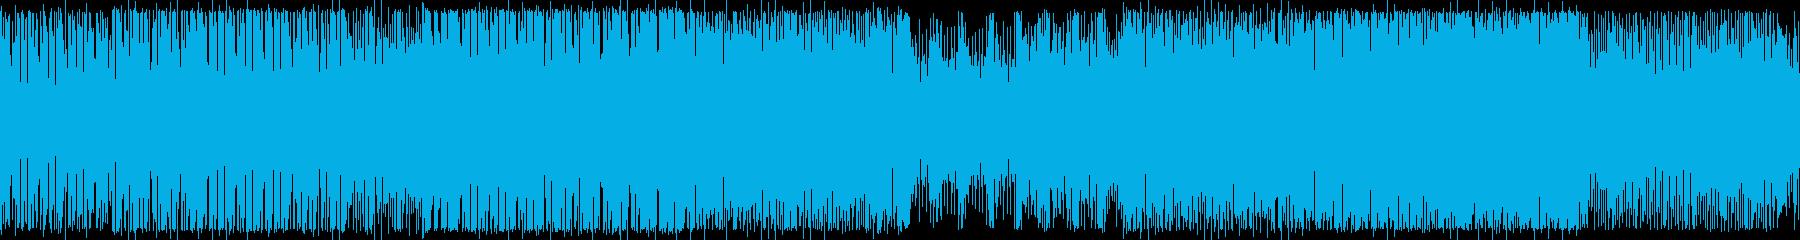 BPM150:ワークアウト:ループ版の再生済みの波形